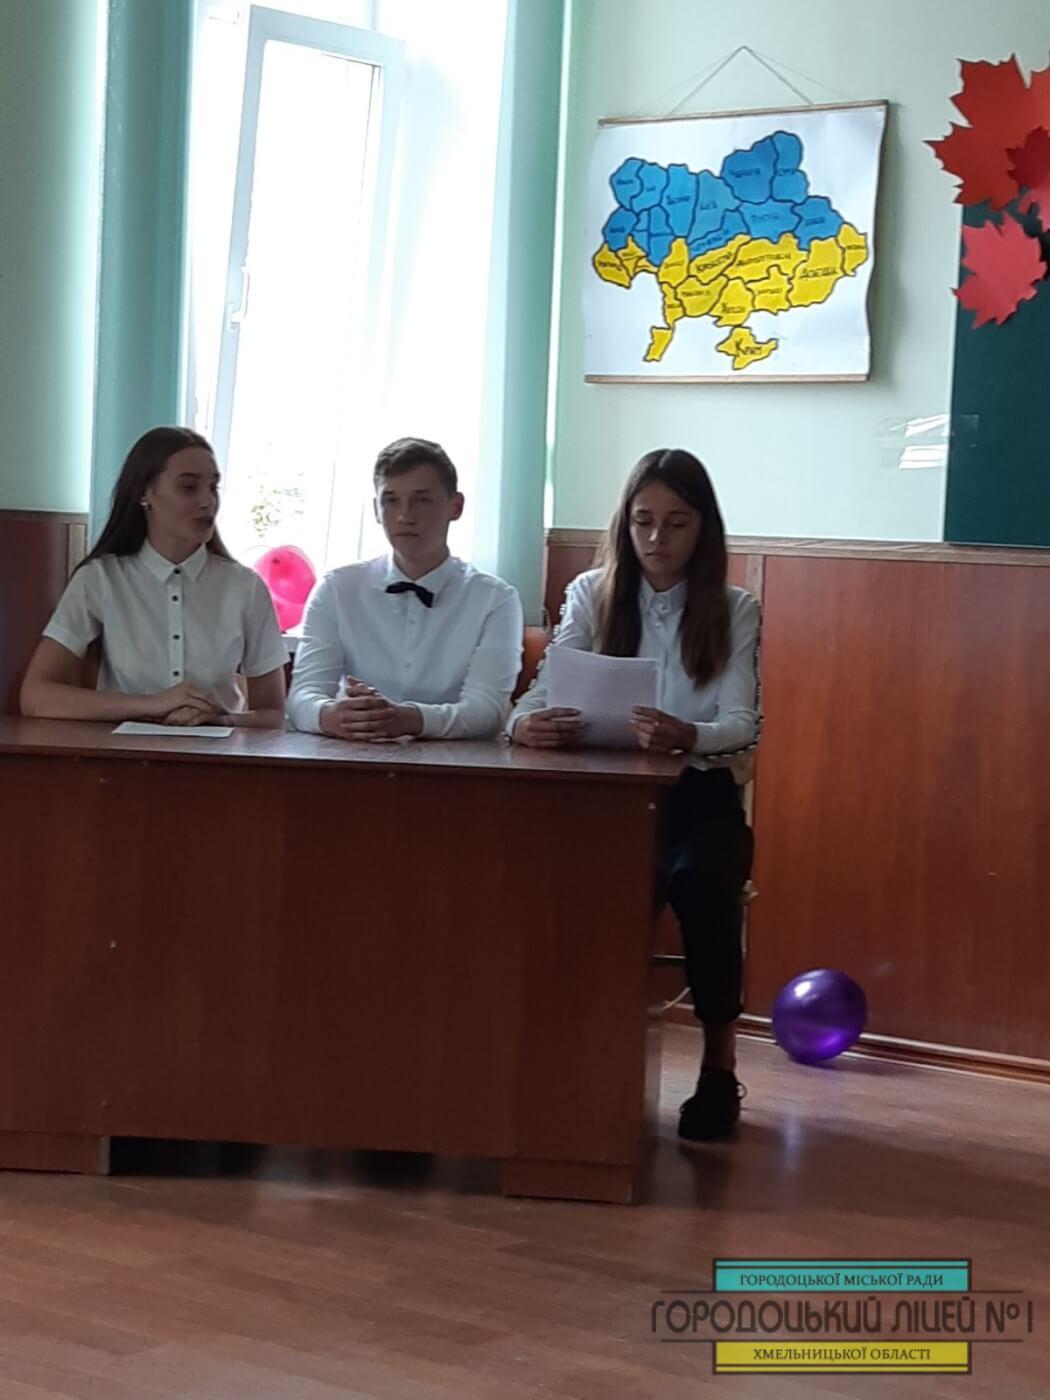 zobrazhennya viber 2019 10 04 16 53 07 - Учитель - не просто професія, це покликання...